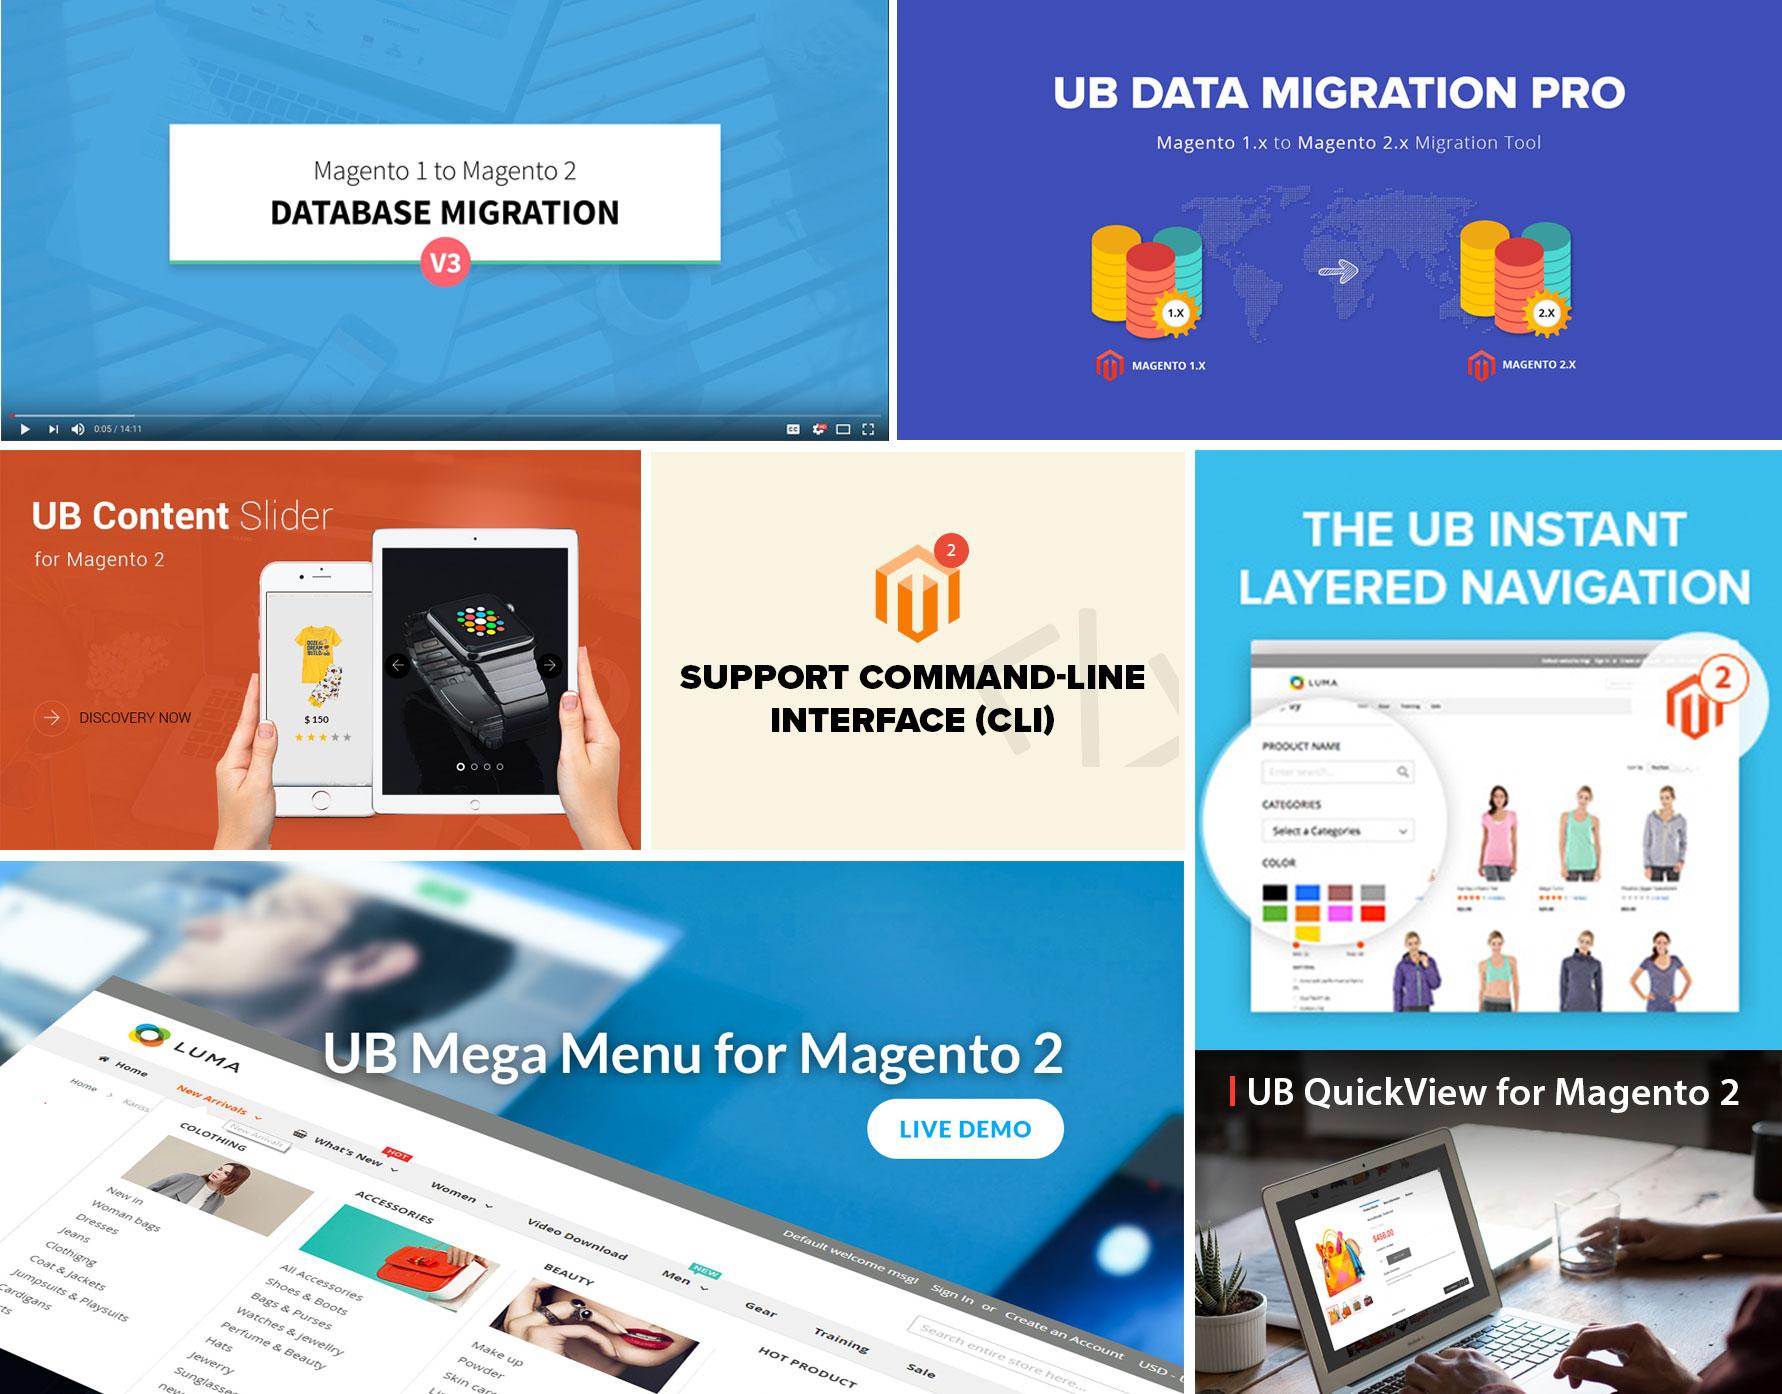 Top 5 Magento 2 Updates